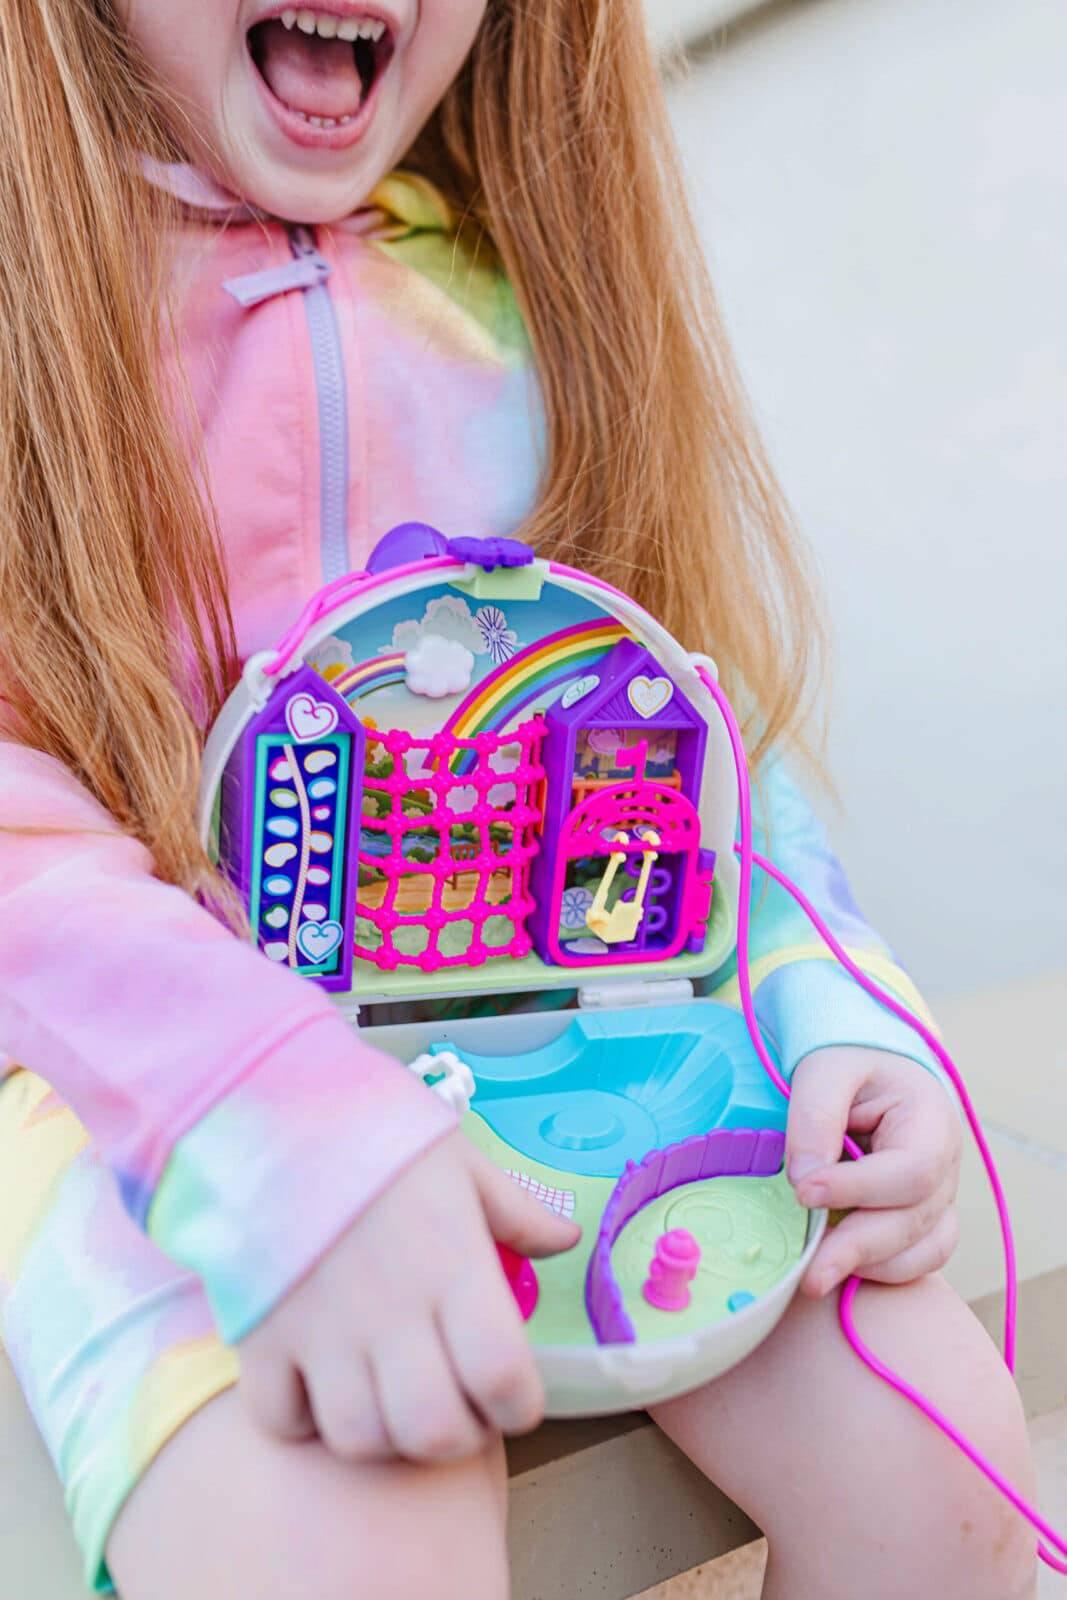 90s girl tye dye polly pocket butterfly clips